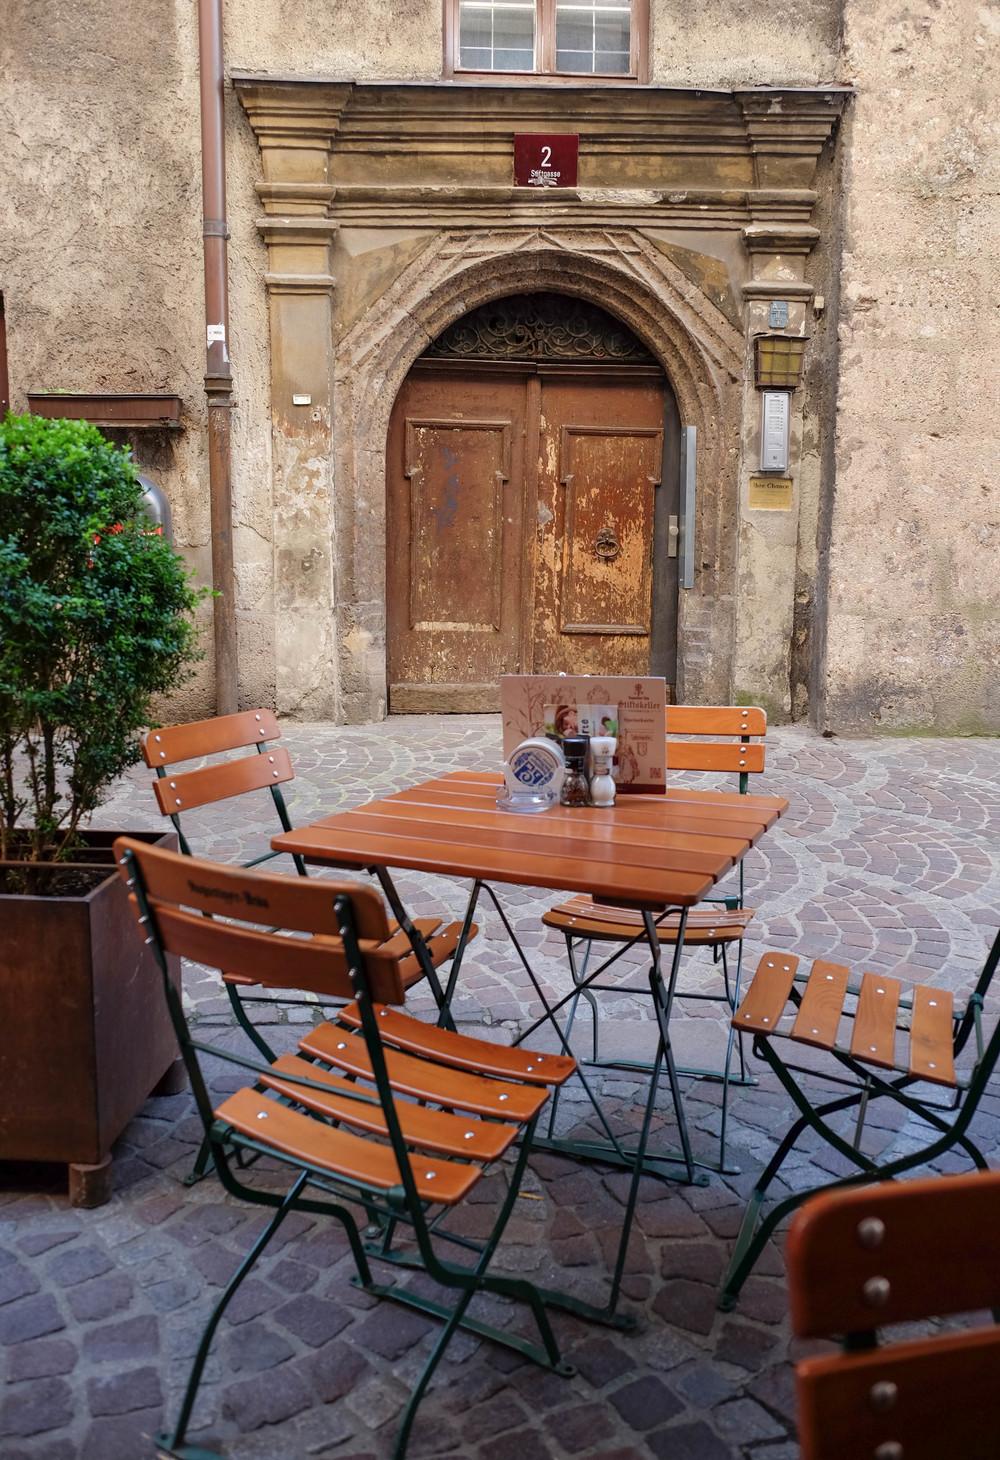 LaurenSchwaiger-Travel-Blog-Austria-Innsbruck-Altstadt.jpg